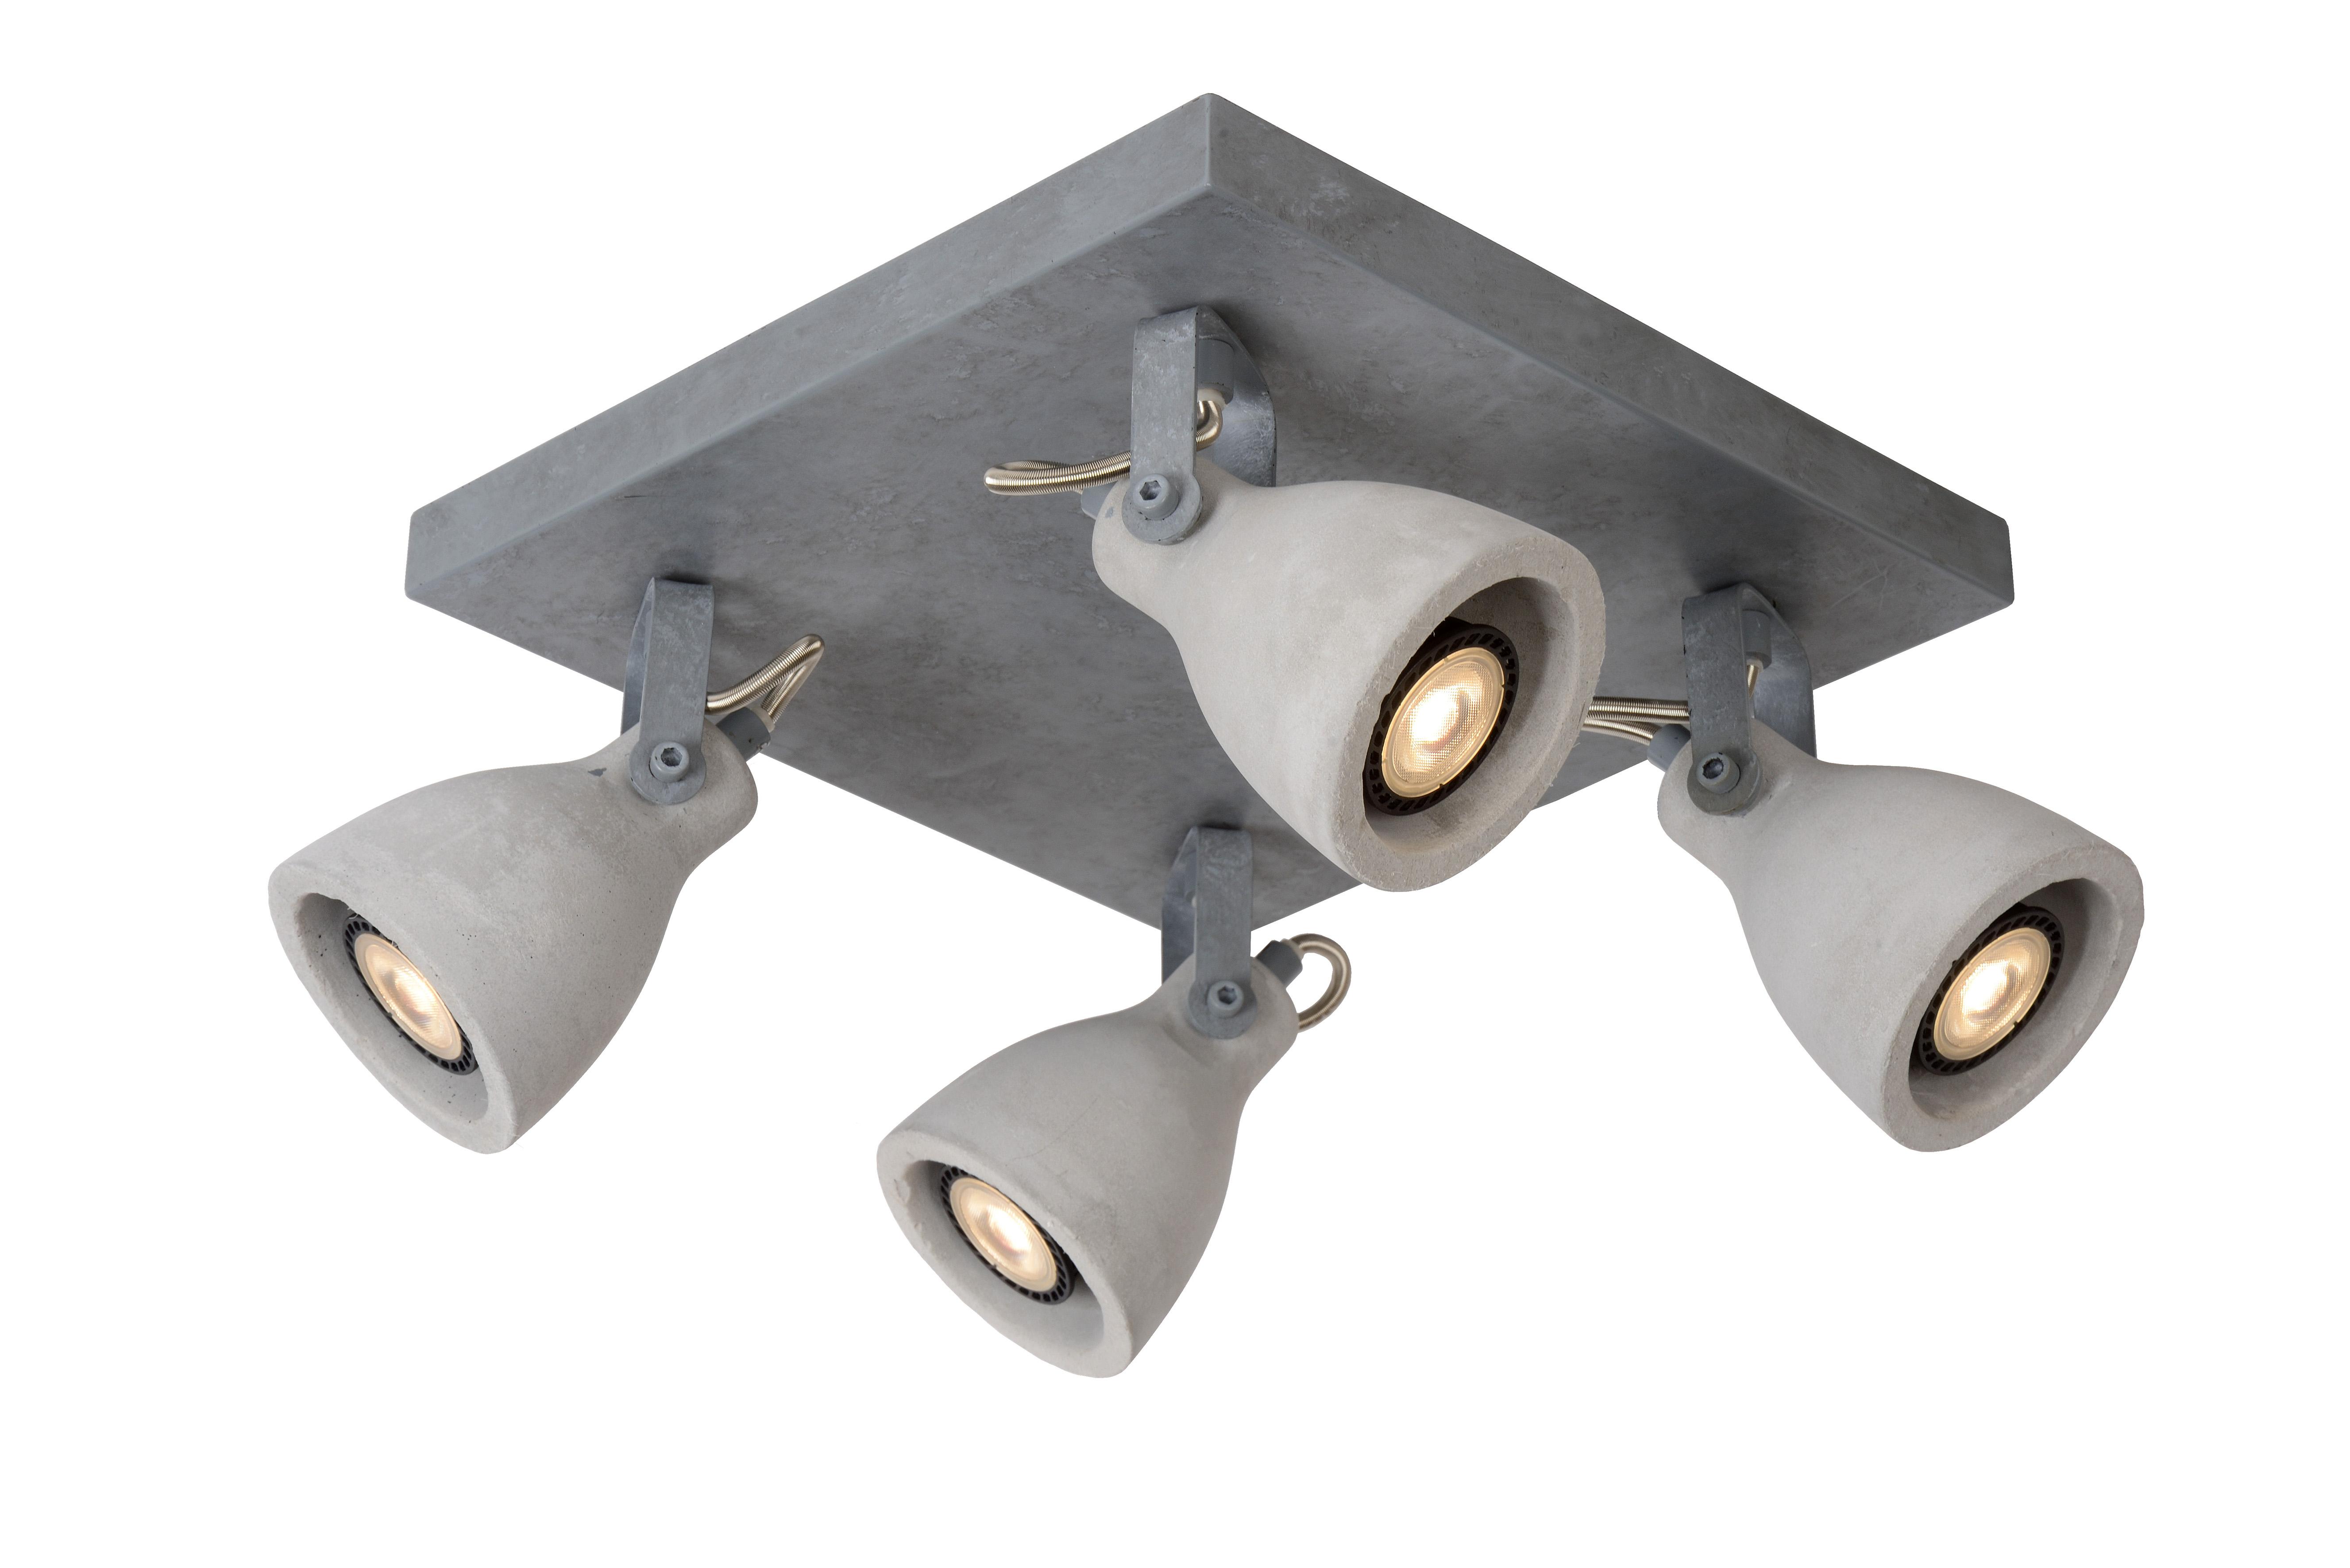 Plafonnier 4 spots orientables béton et métal 30x30cm